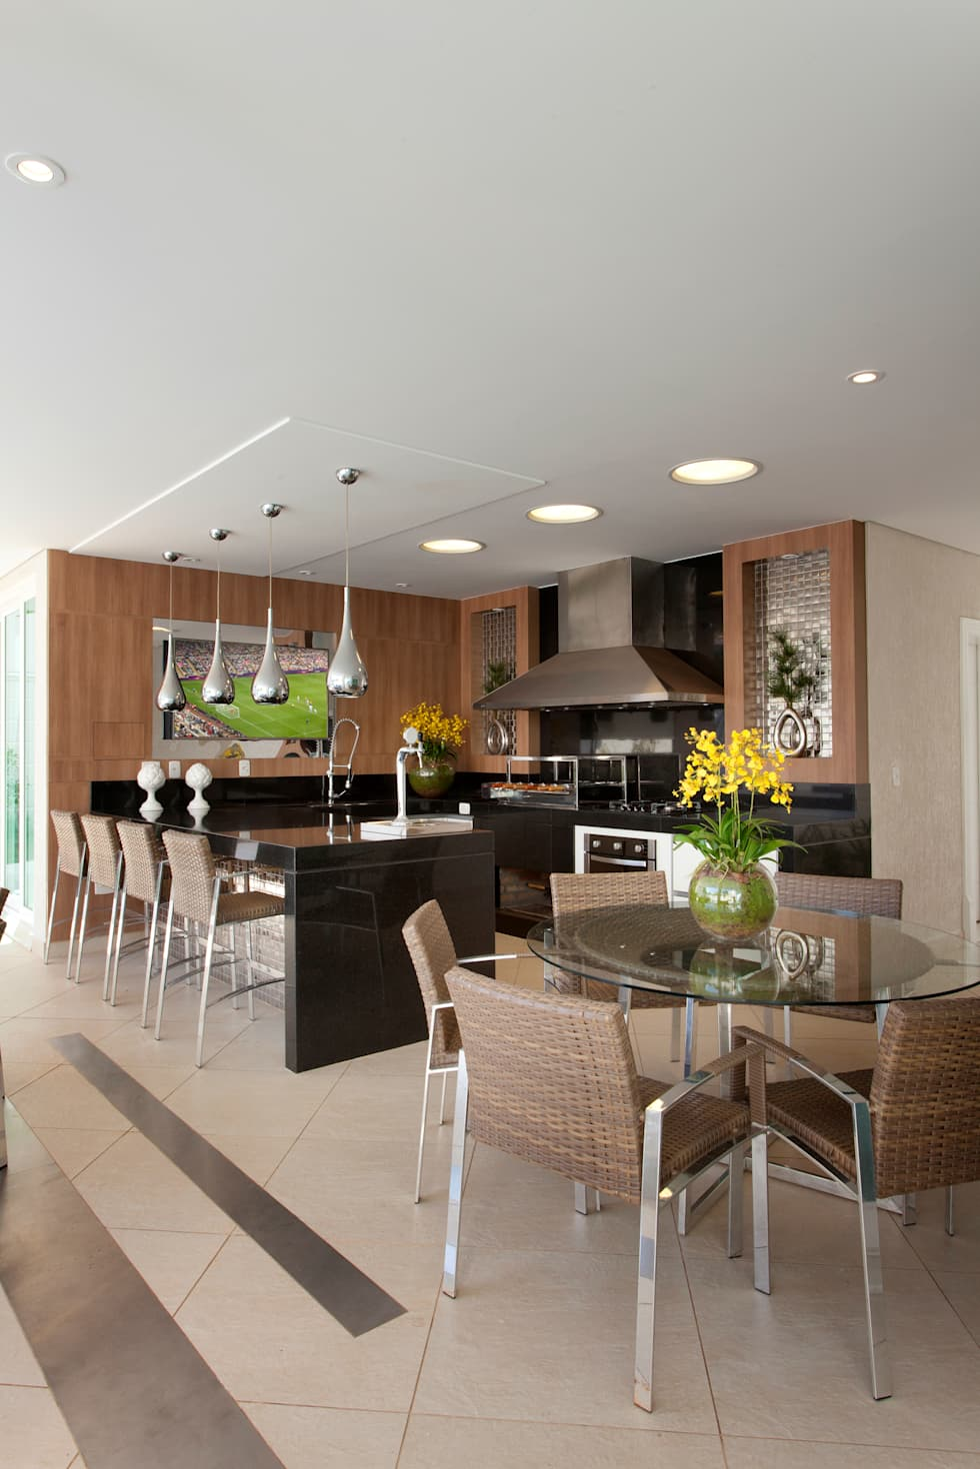 Fotos de decora o design de interiores e reformas homify - Casa design moderno ...